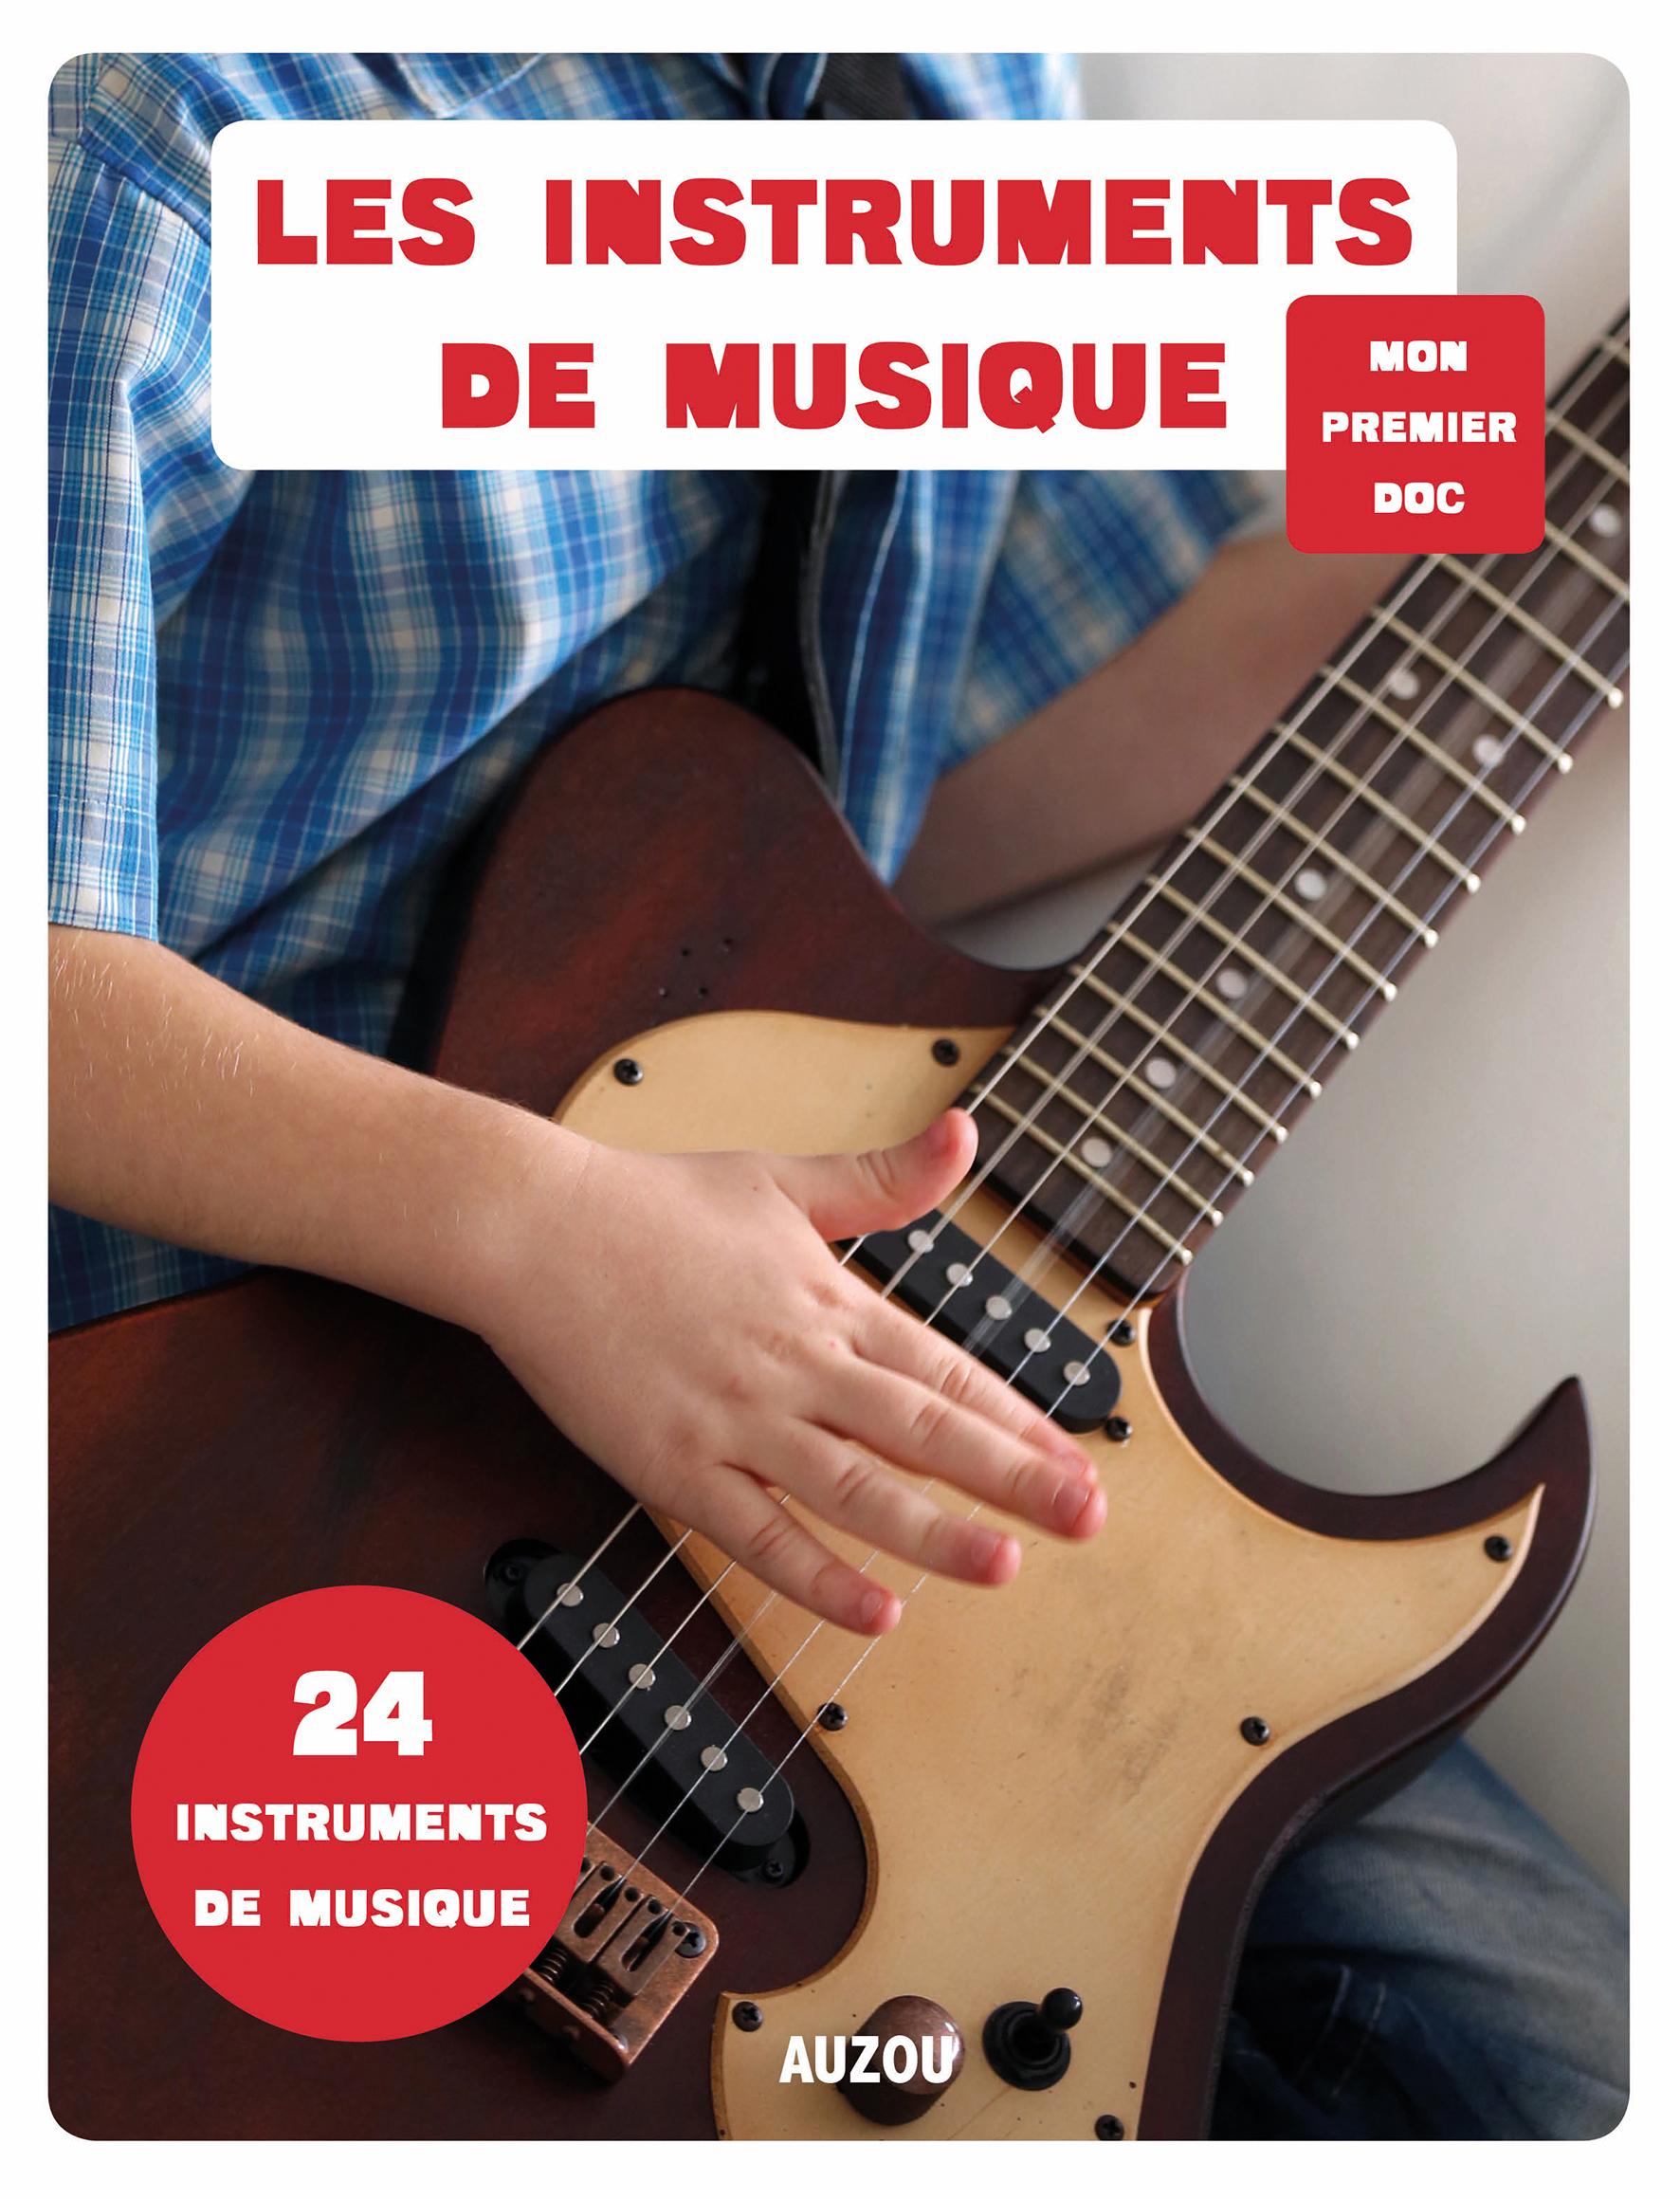 Les instruments de musique.